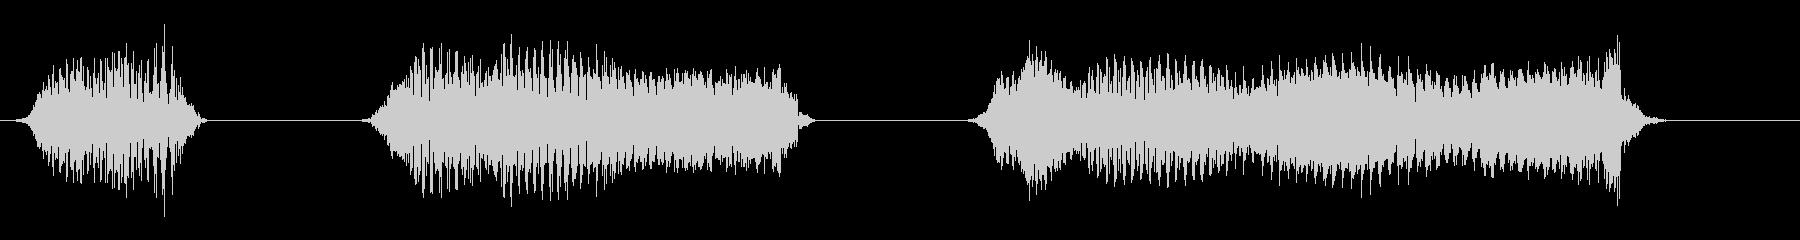 成人男性:短いパニック叫び声の未再生の波形